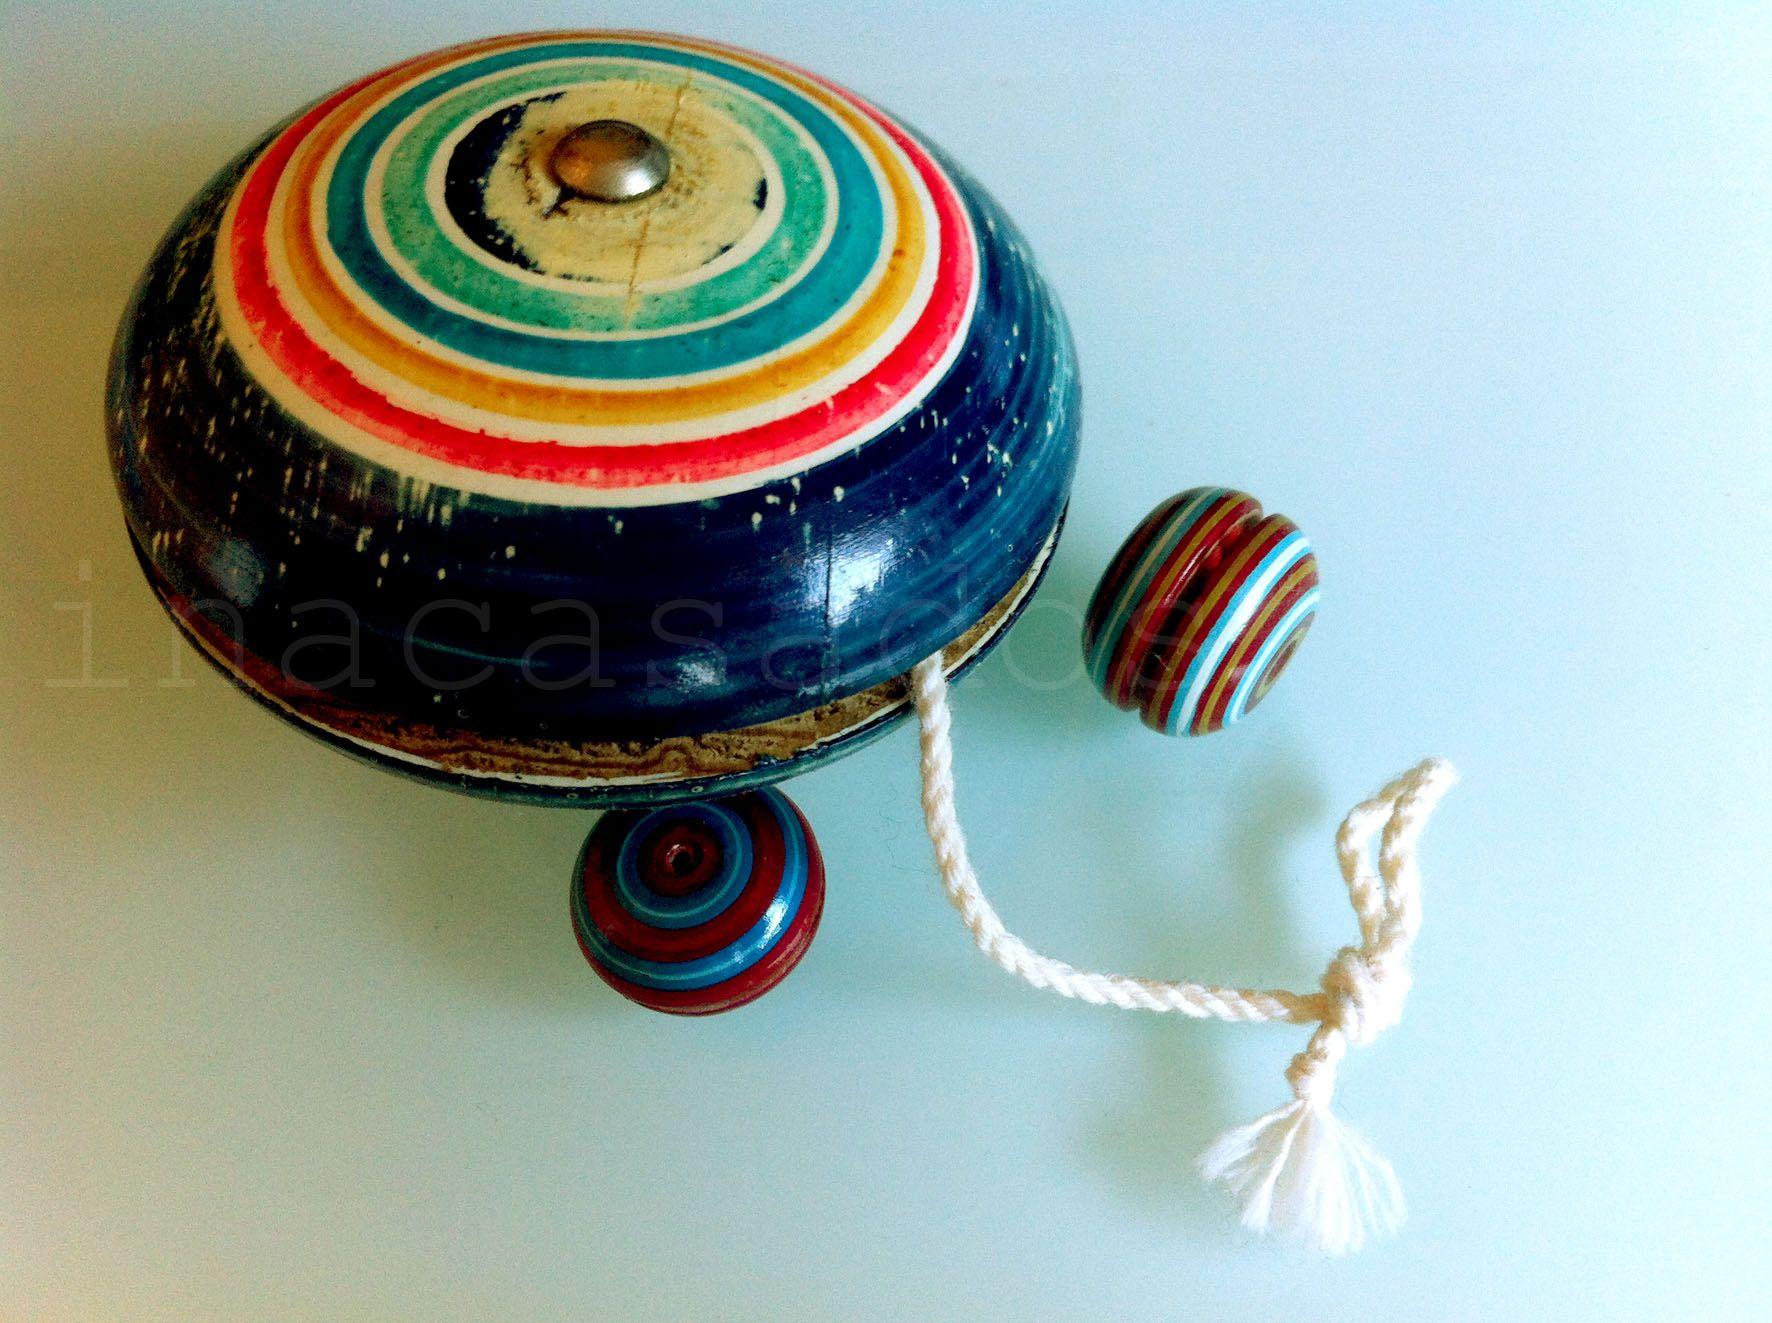 yo-yo y mini yoyos, artesanía mexicana.puebla/mexican handcrafted yo-yo and mini yo-yoes. puebla